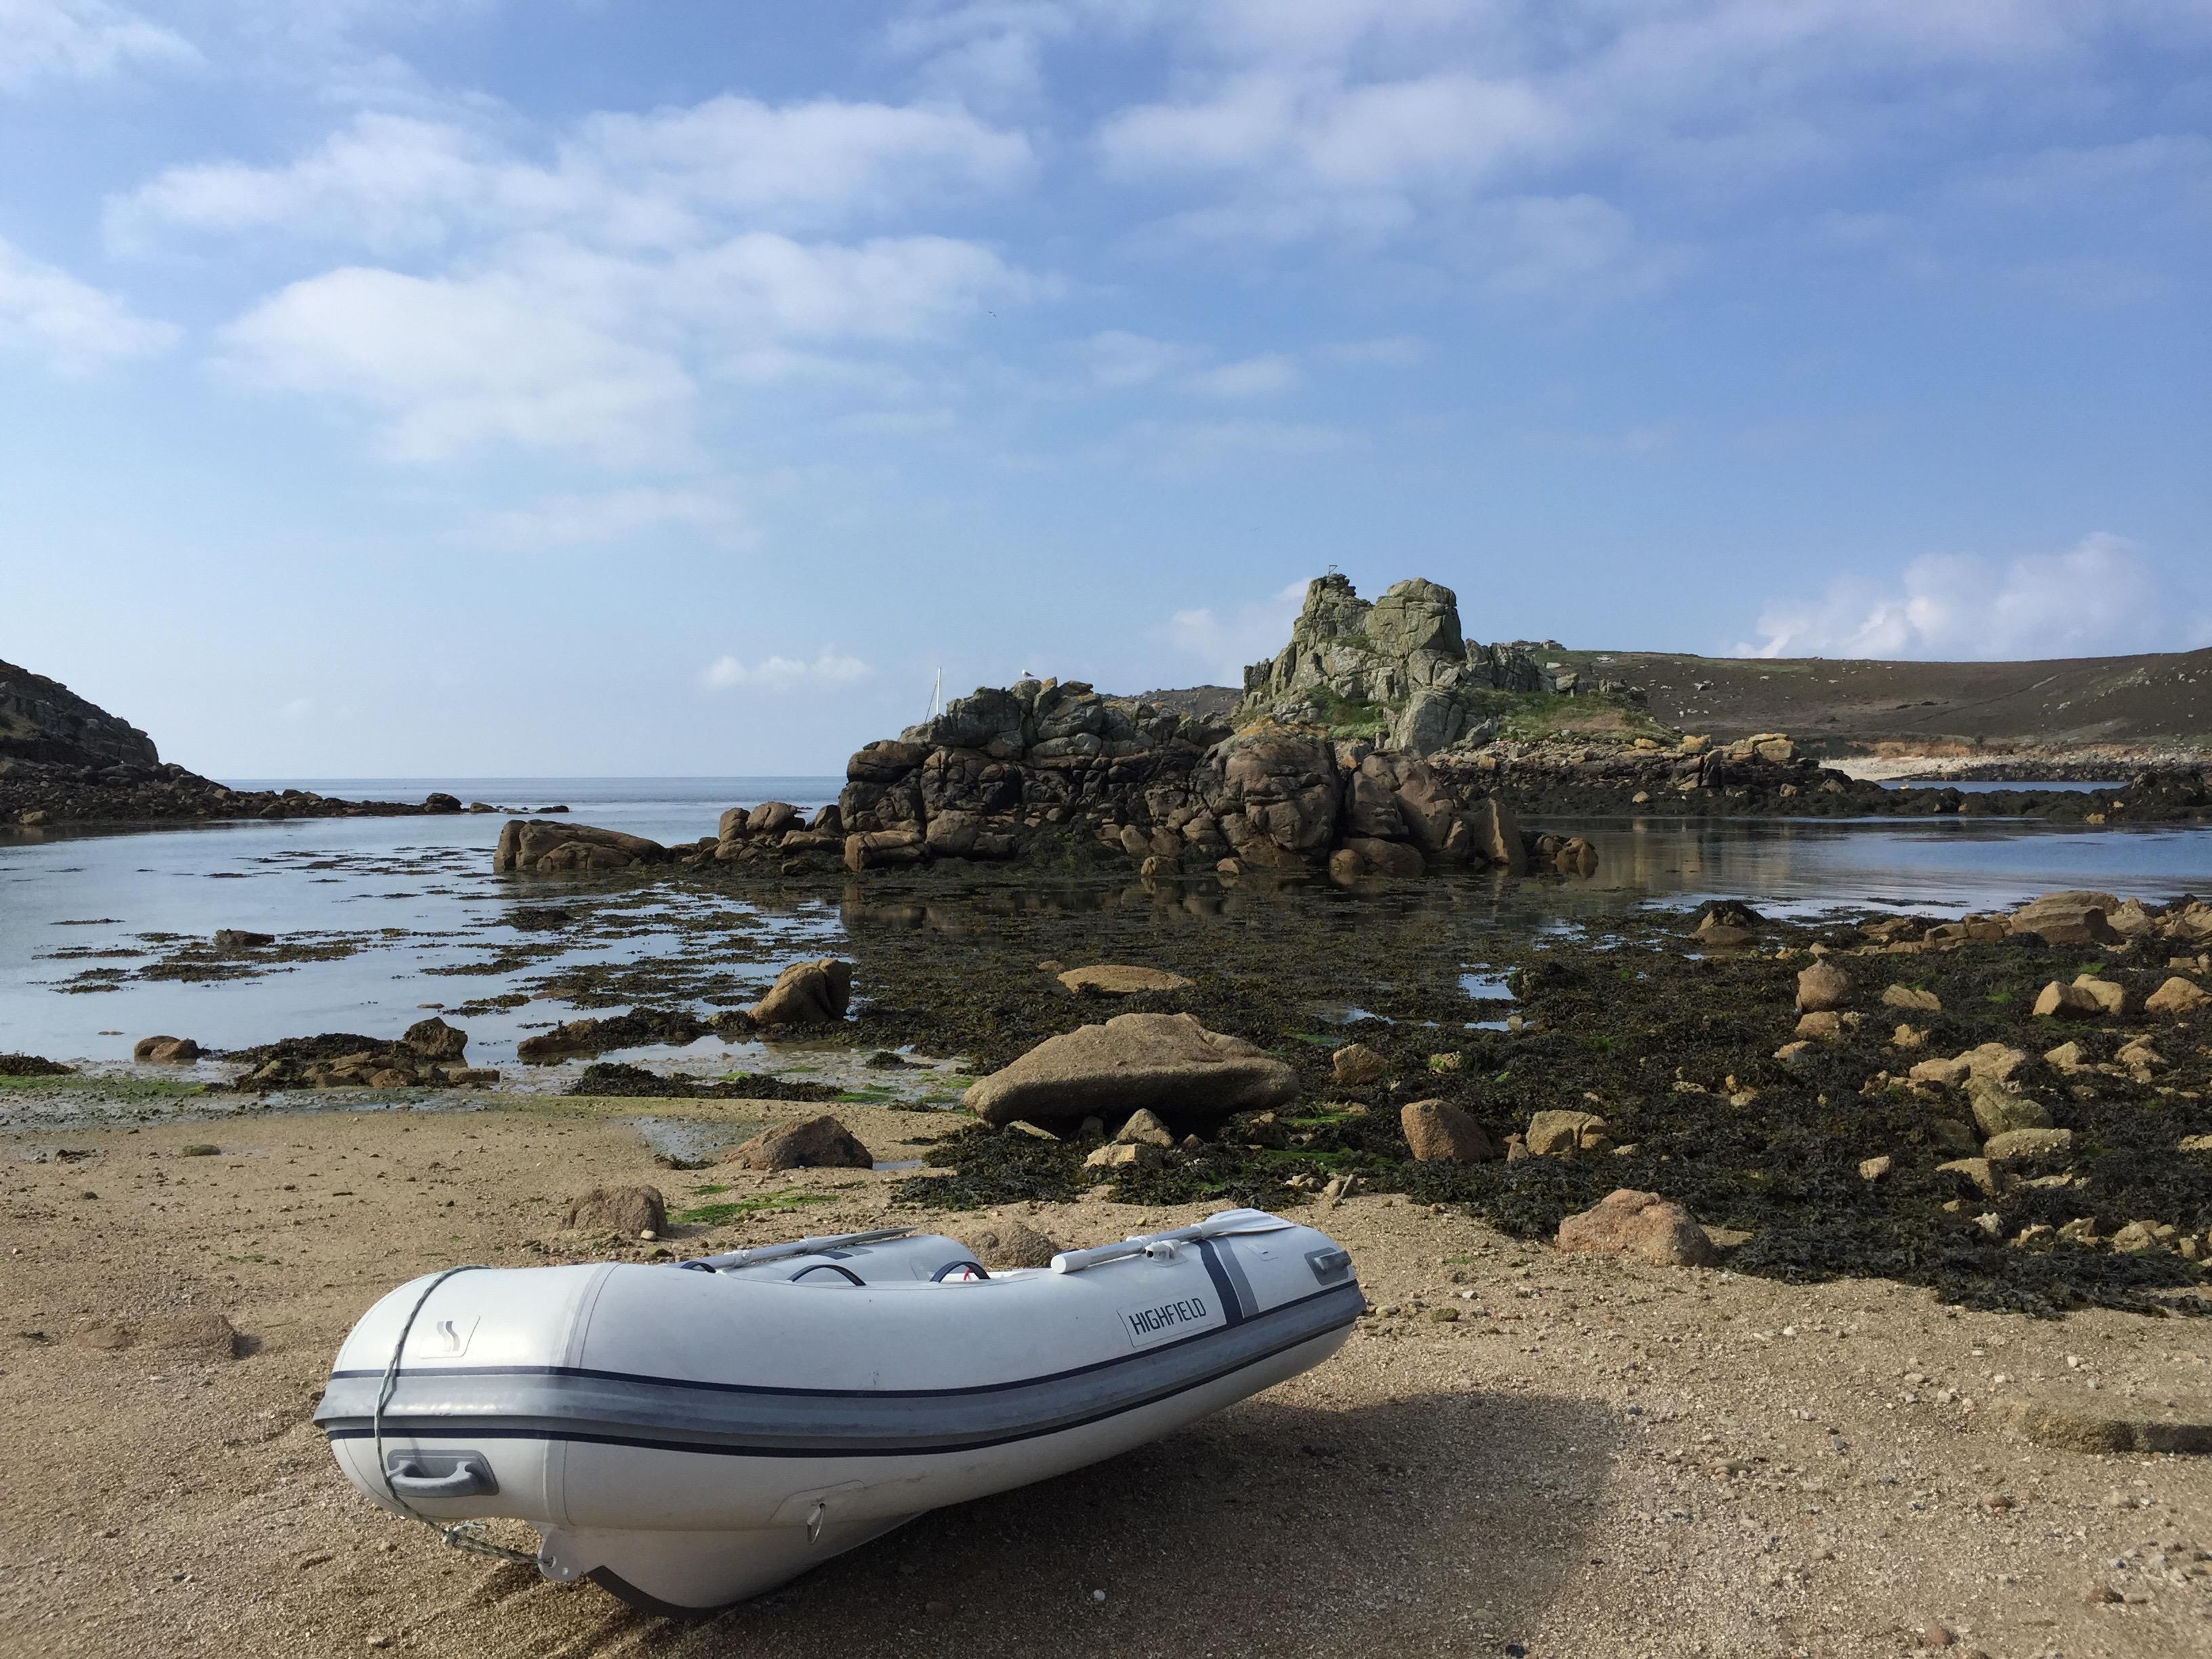 心远地偏锡利岛,皮艇登陆有绝招--《再济沧海》(45)